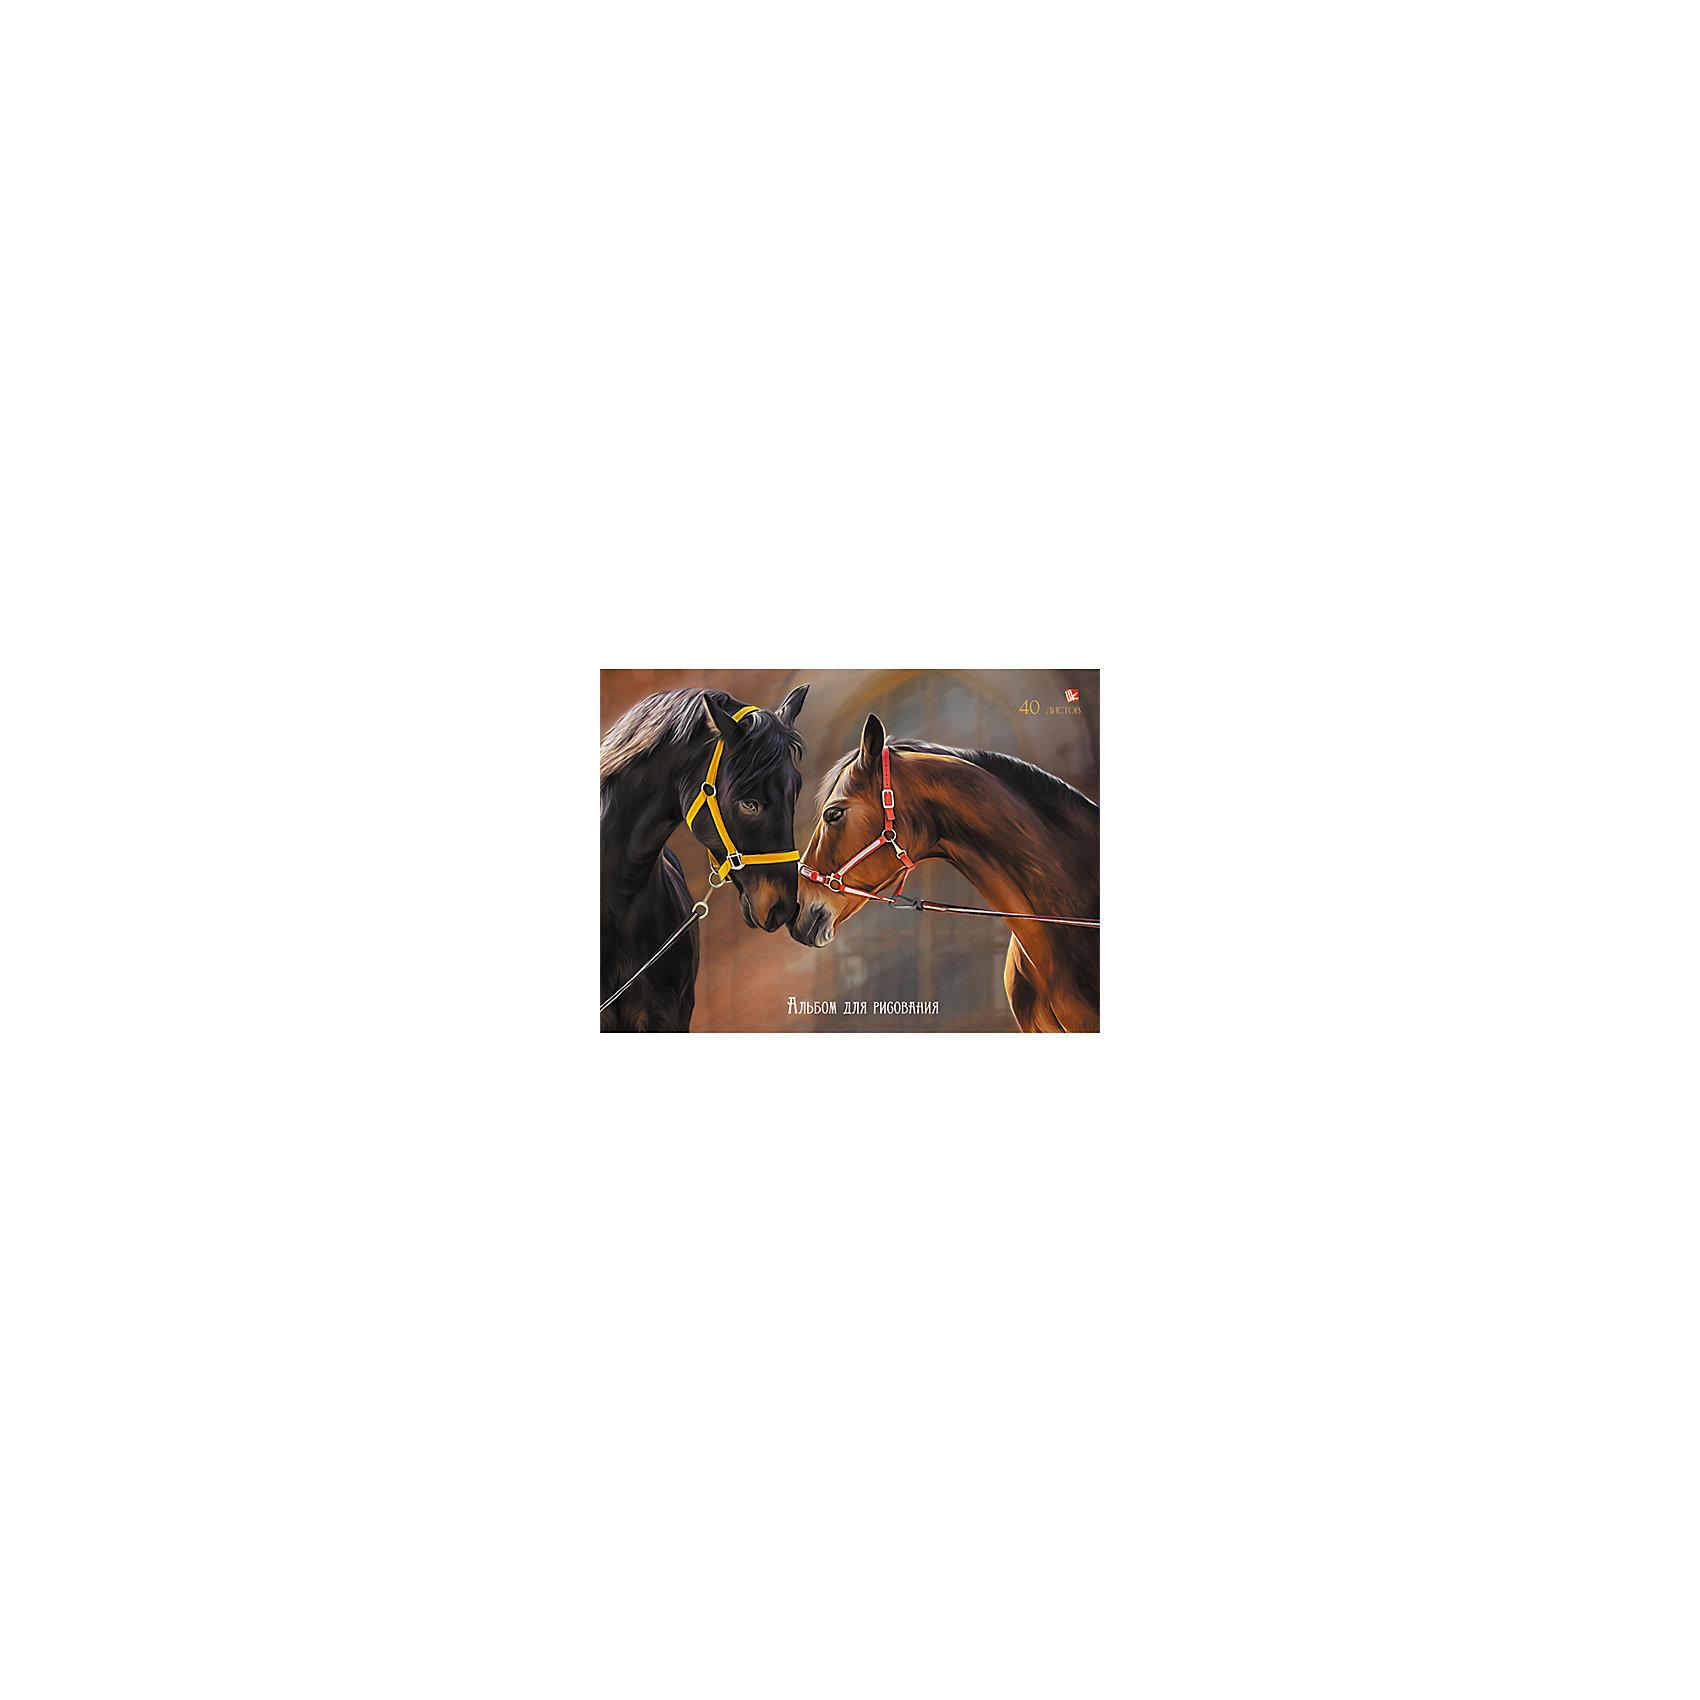 Альбом для рисования Нежность (лошади), 40лДетям, любящим рисовать, несомненно нужен хороший альбом. Нежность(лошади) - альбом, идеально подходящий вашему малышу. Красивая обложка привлечет внимание ребенка и вызовет интерес к созданию шедевров. Рисовать будет удобно, благодаря плотным листам с оптимальным скреплением. Творчество развивает аккуратность, усидчивость, художественные навыки. Замечательный выбор для первых работ юных художников!<br><br>Дополнительная информация:<br>Внутренний блок: офсет 110 г/м2<br>Обложка: мелованный картон<br>Количество листов: 40<br>Крепление: склейка<br>Альбом для рисования Нежность(лошади) можно купить в нашем интернет-магазине.<br><br>Ширина мм: 210<br>Глубина мм: 297<br>Высота мм: 13<br>Вес г: 269<br>Возраст от месяцев: 72<br>Возраст до месяцев: 144<br>Пол: Унисекс<br>Возраст: Детский<br>SKU: 4942439